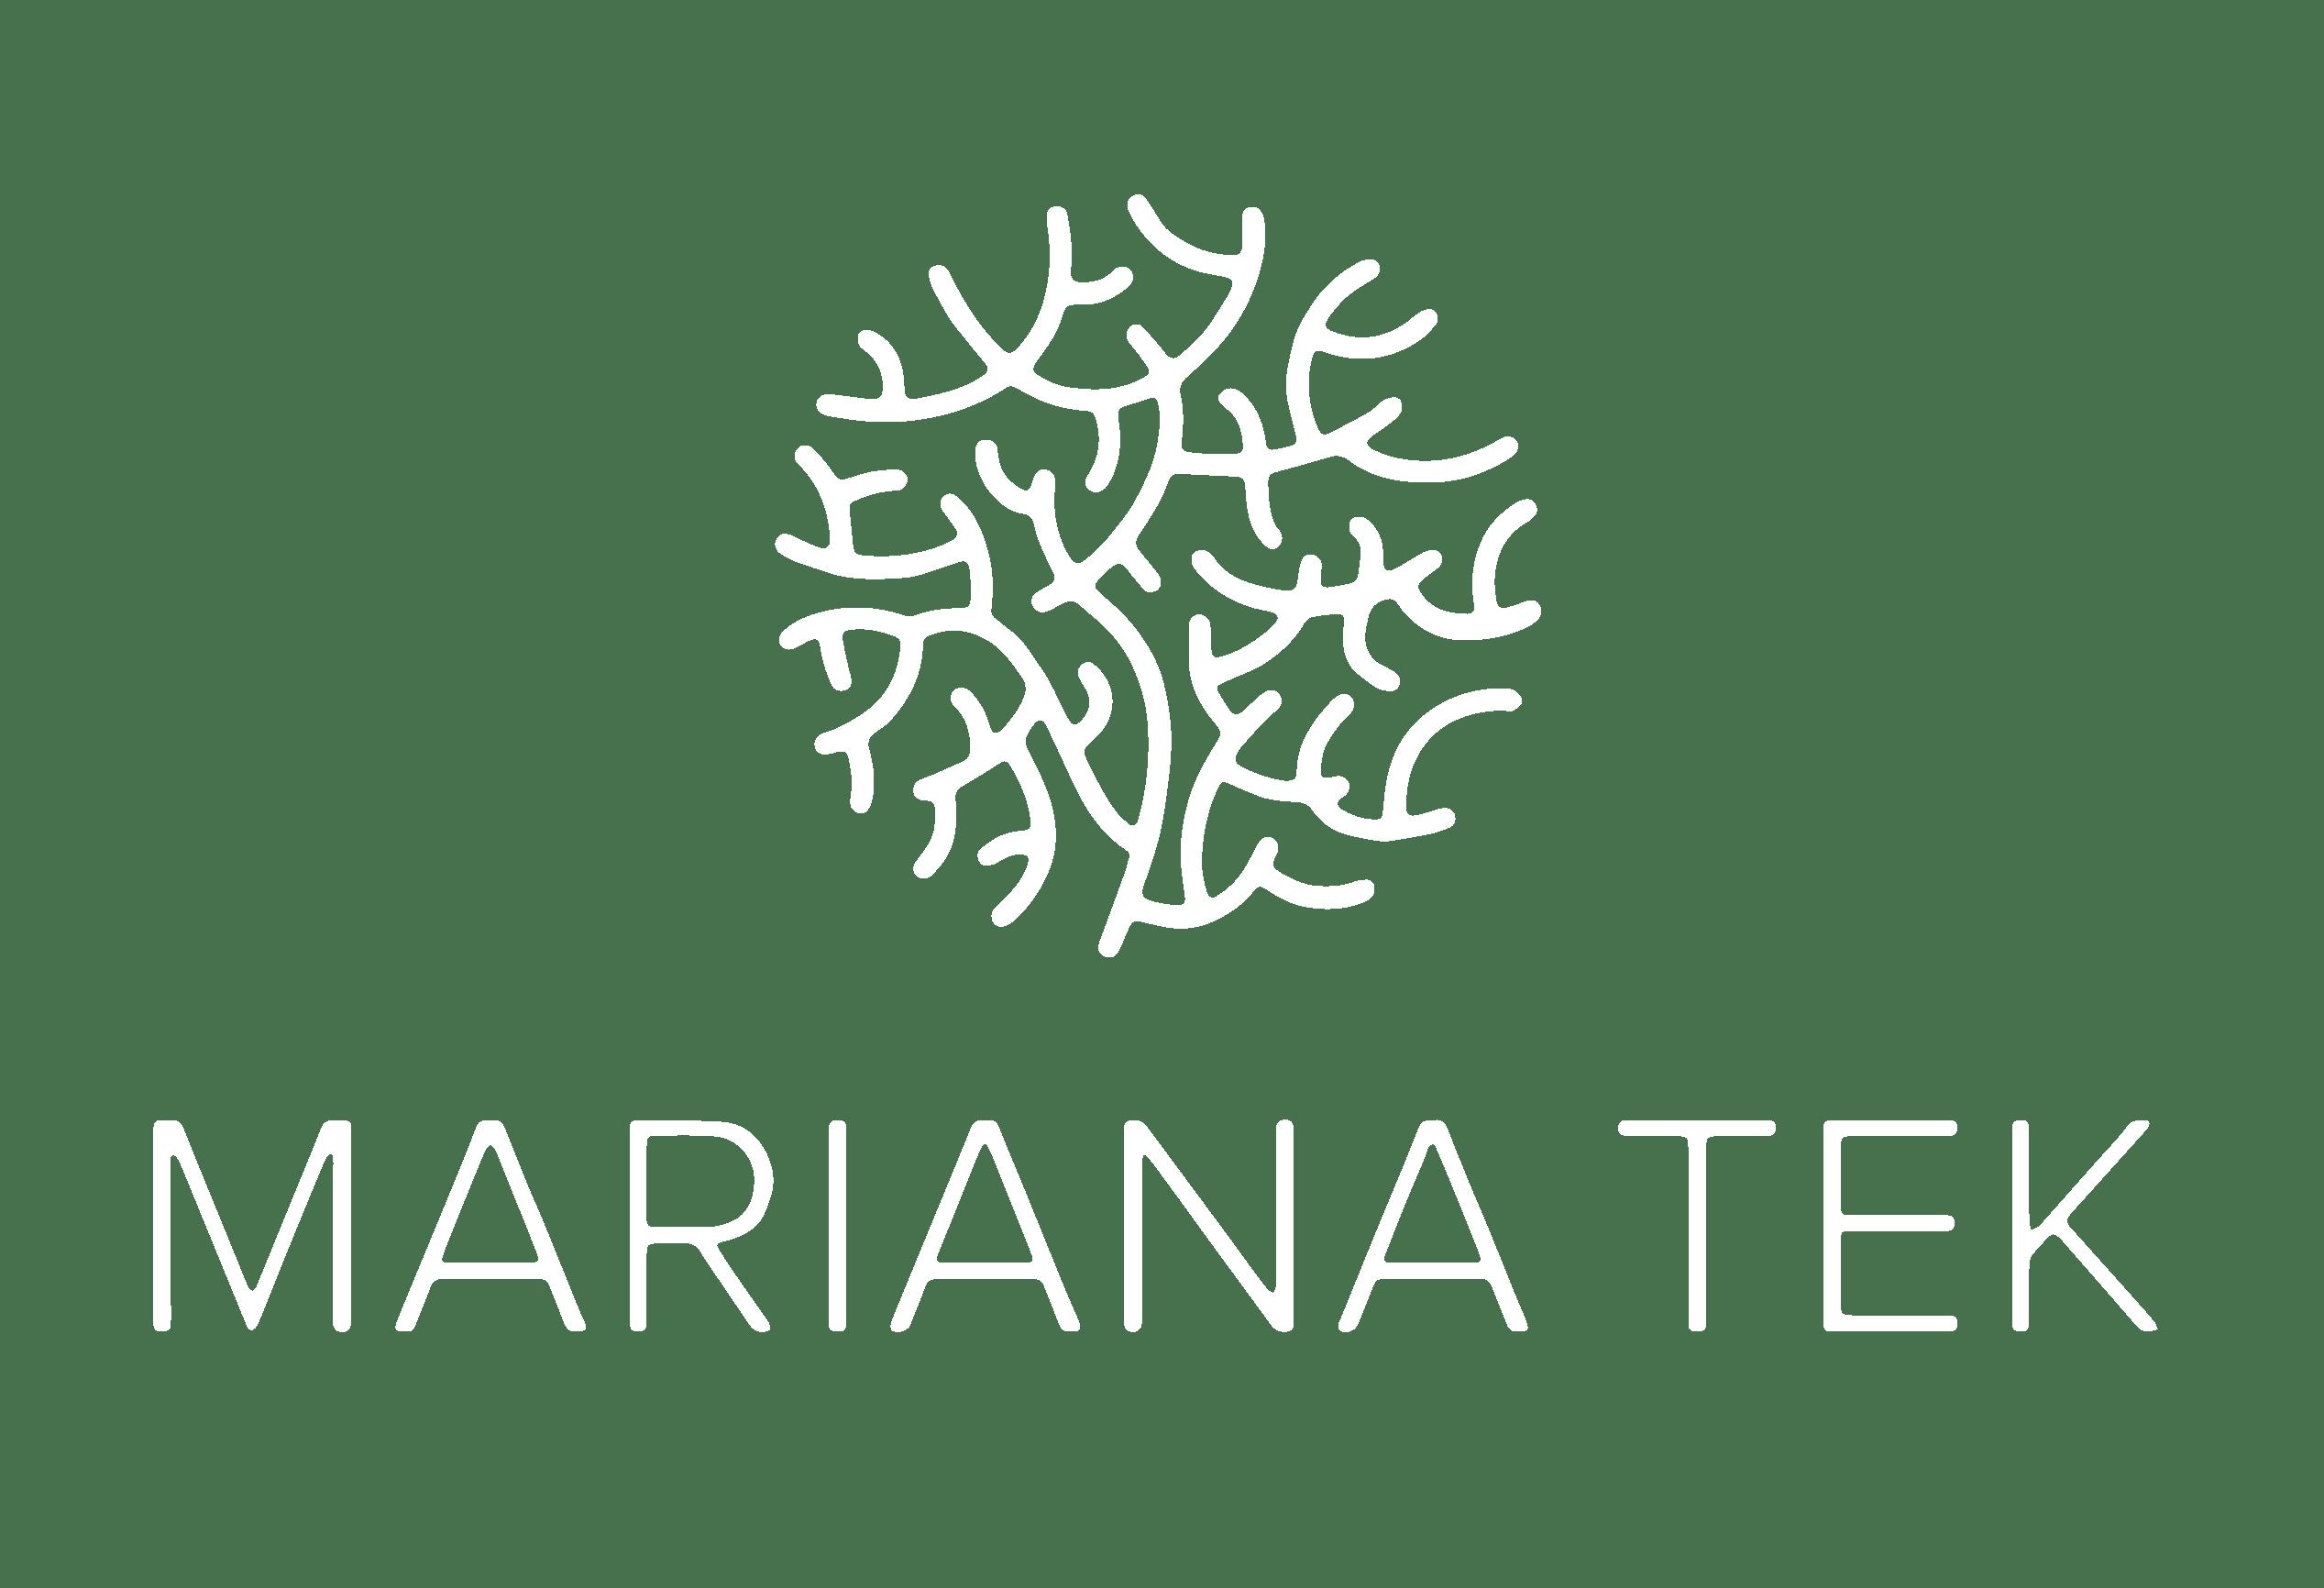 Mariana-Tek-logo